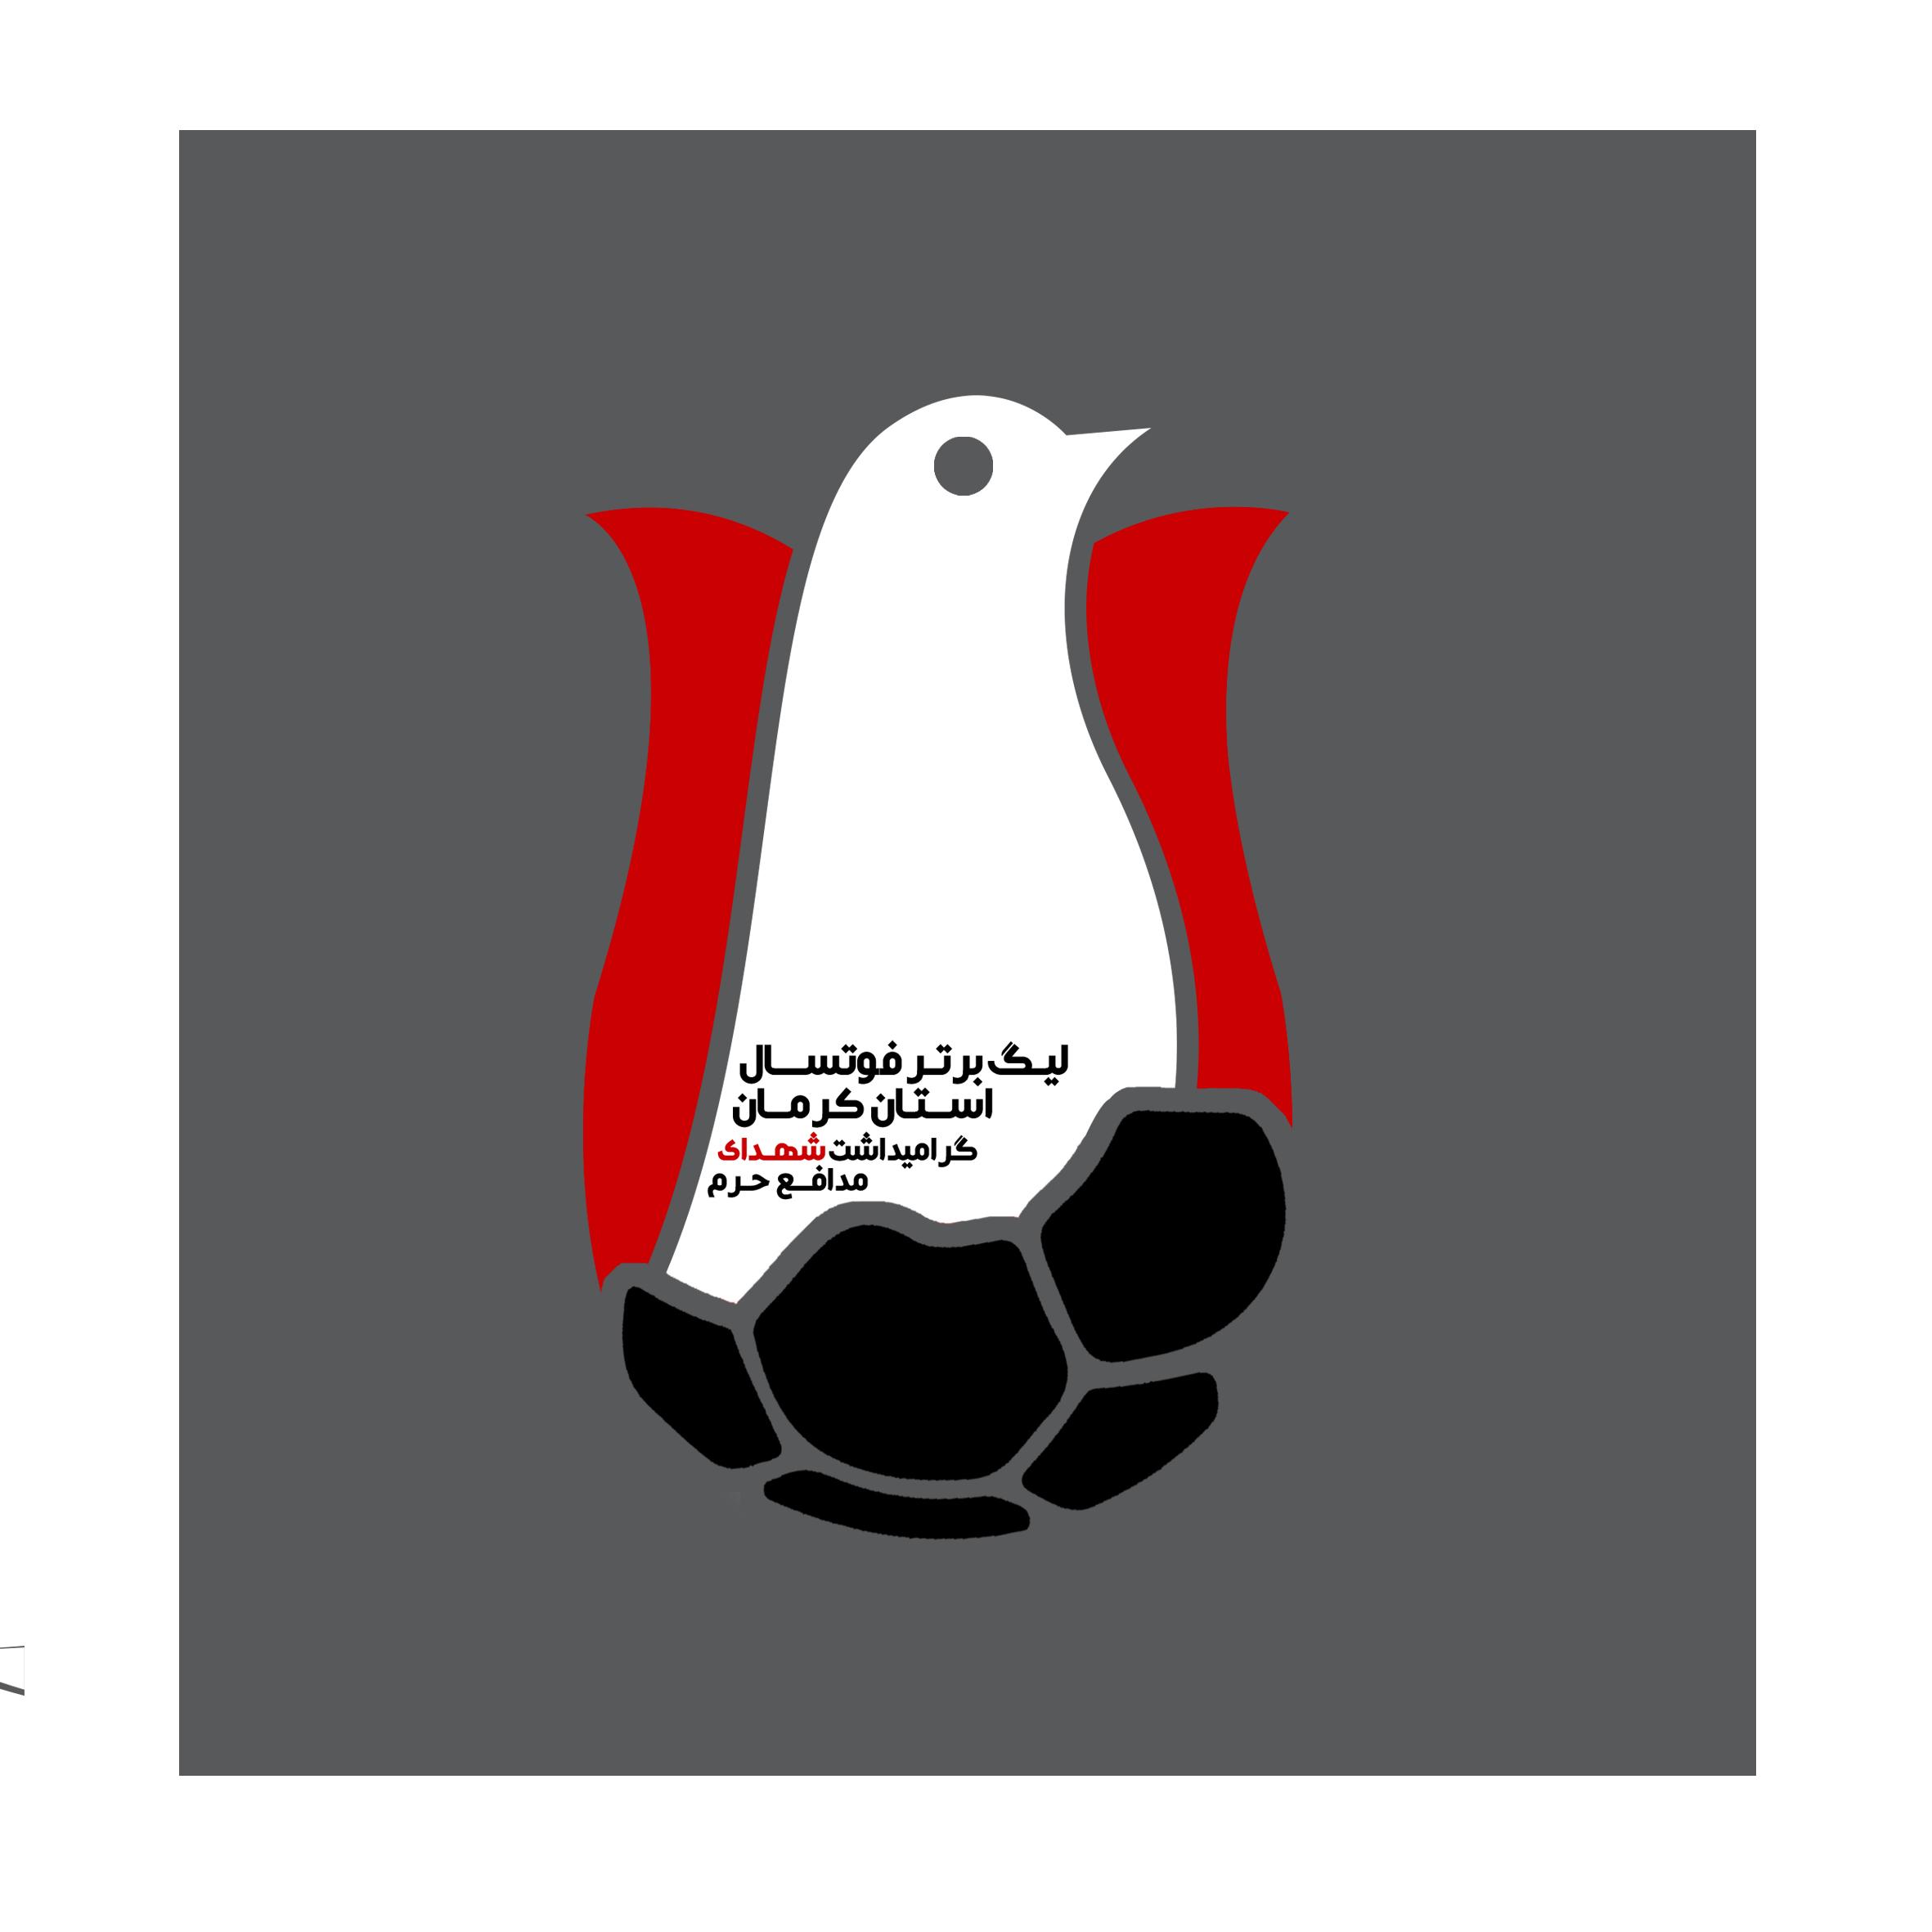 جدول ردهبندی لیگ برتر فوتسال استان تا پایان هفته سیزدهم